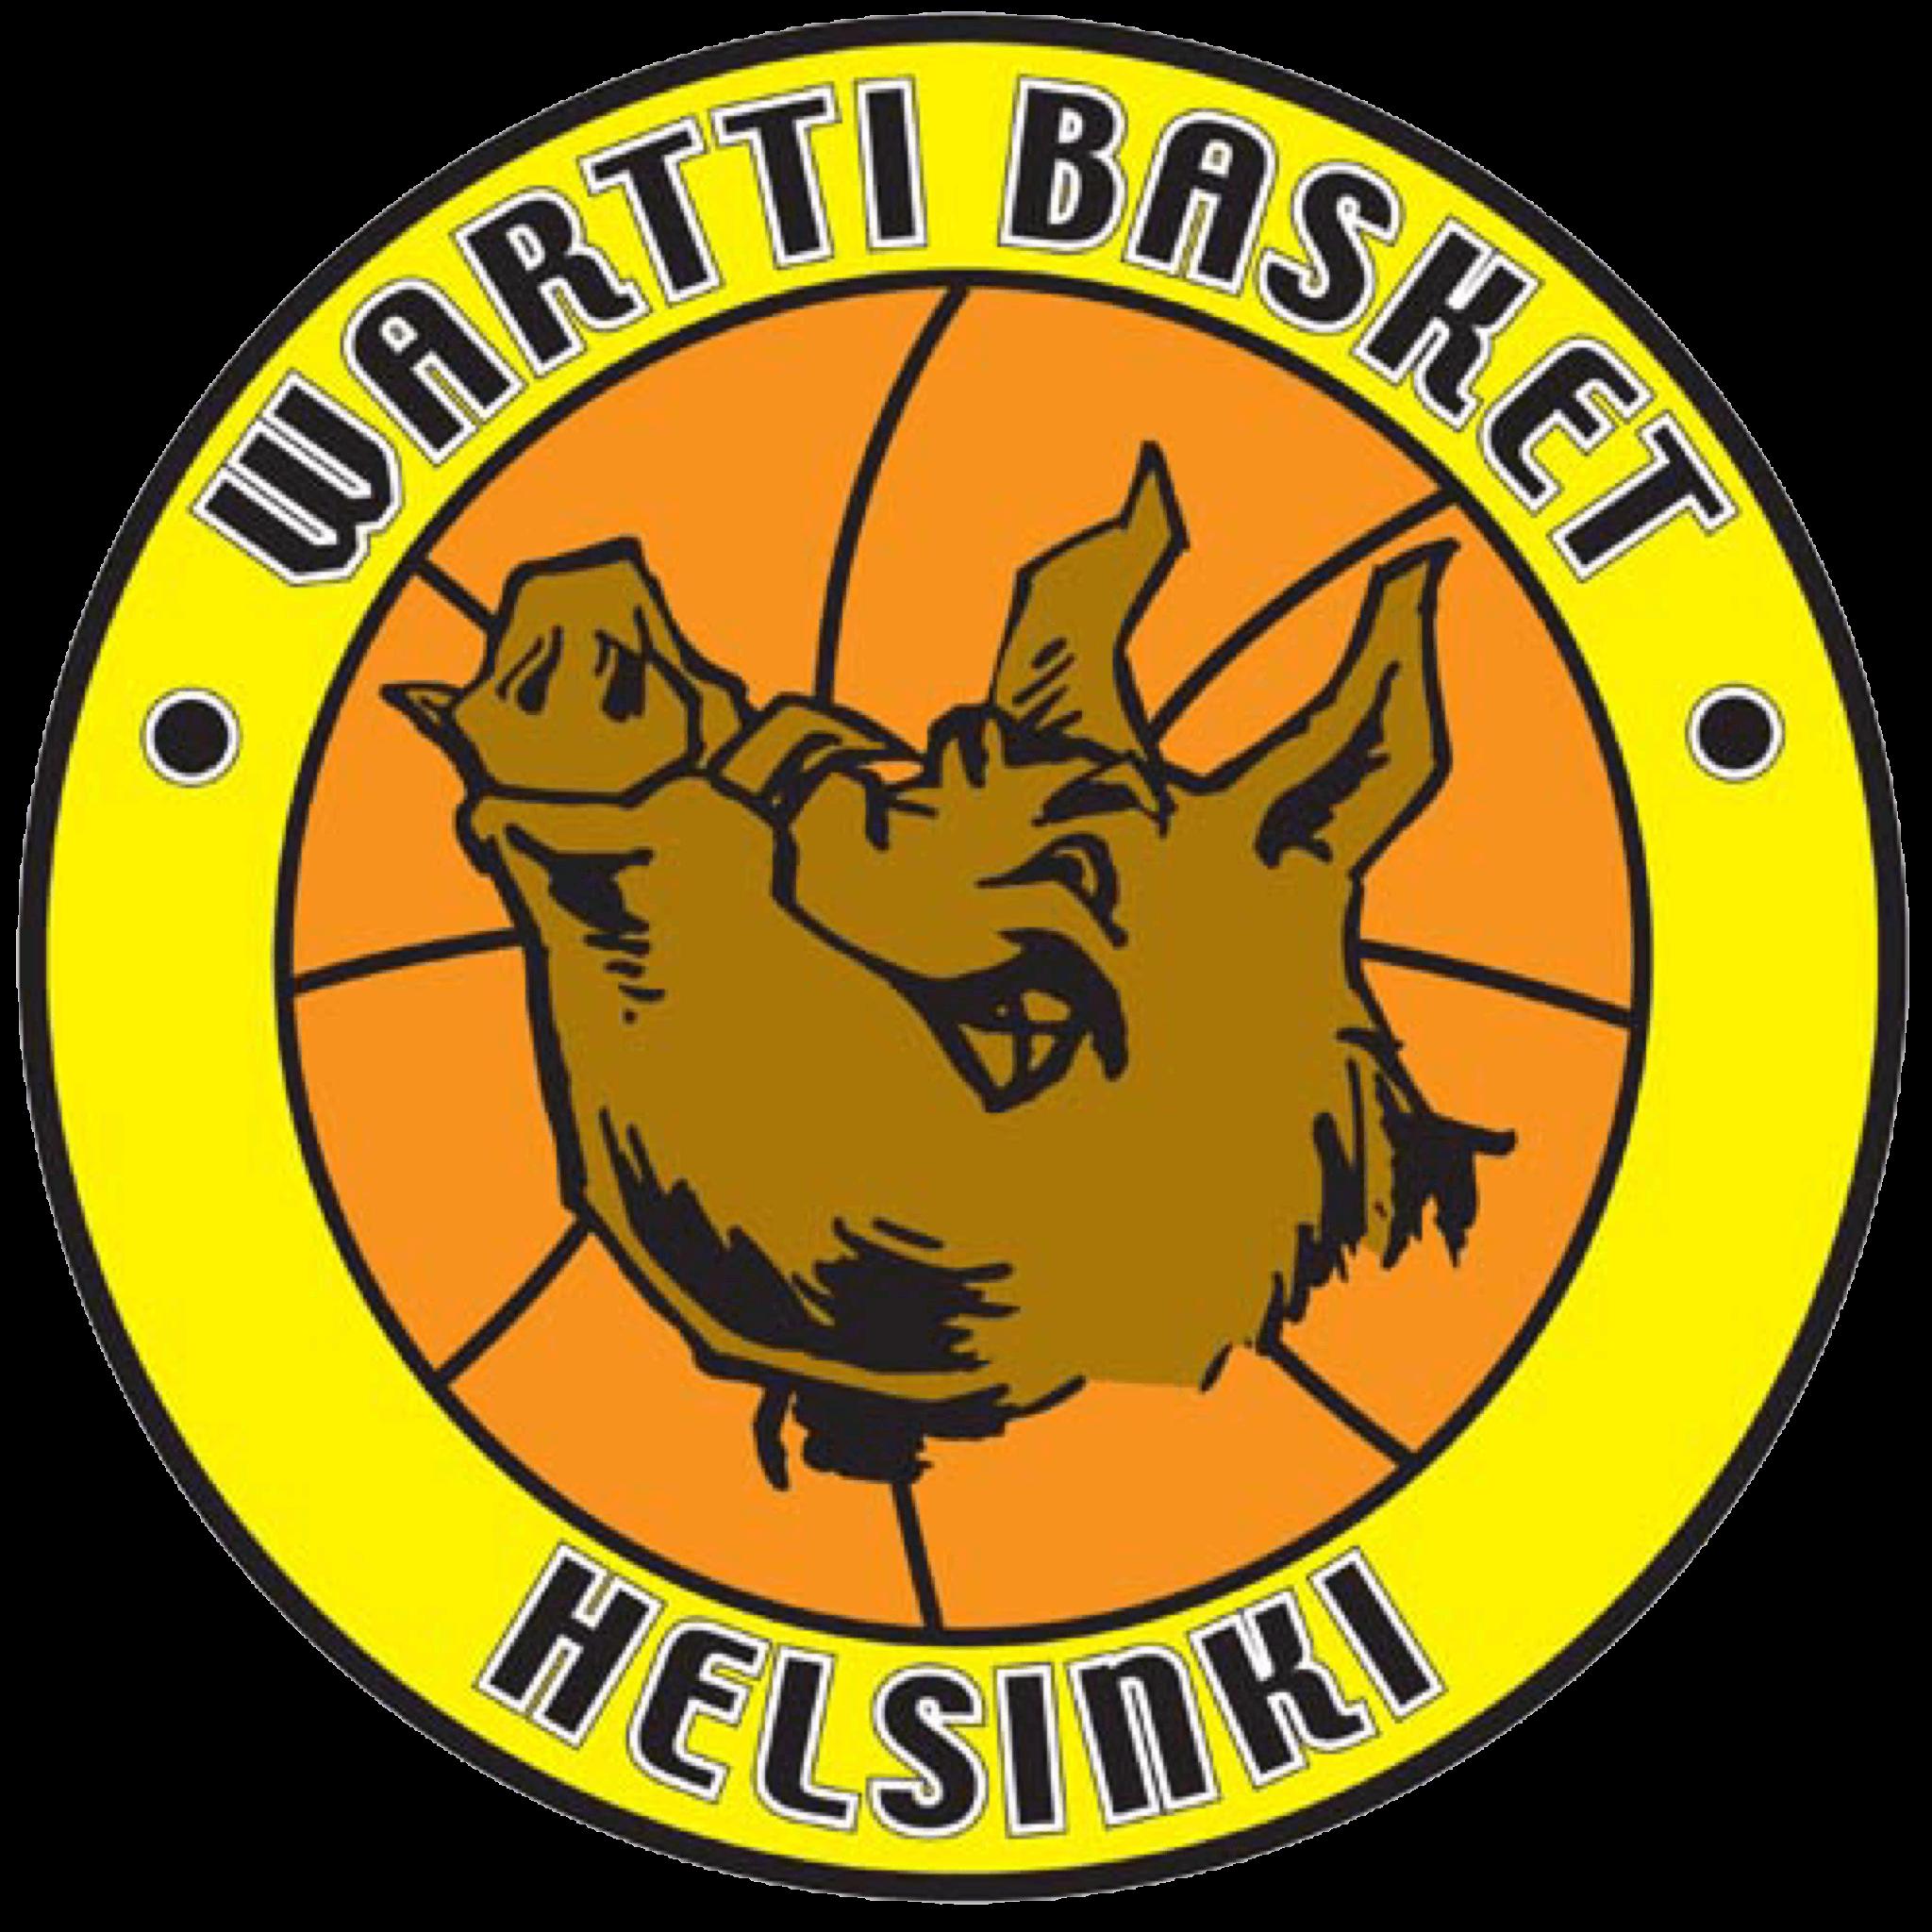 Wartti Ry urheiluseuran logo